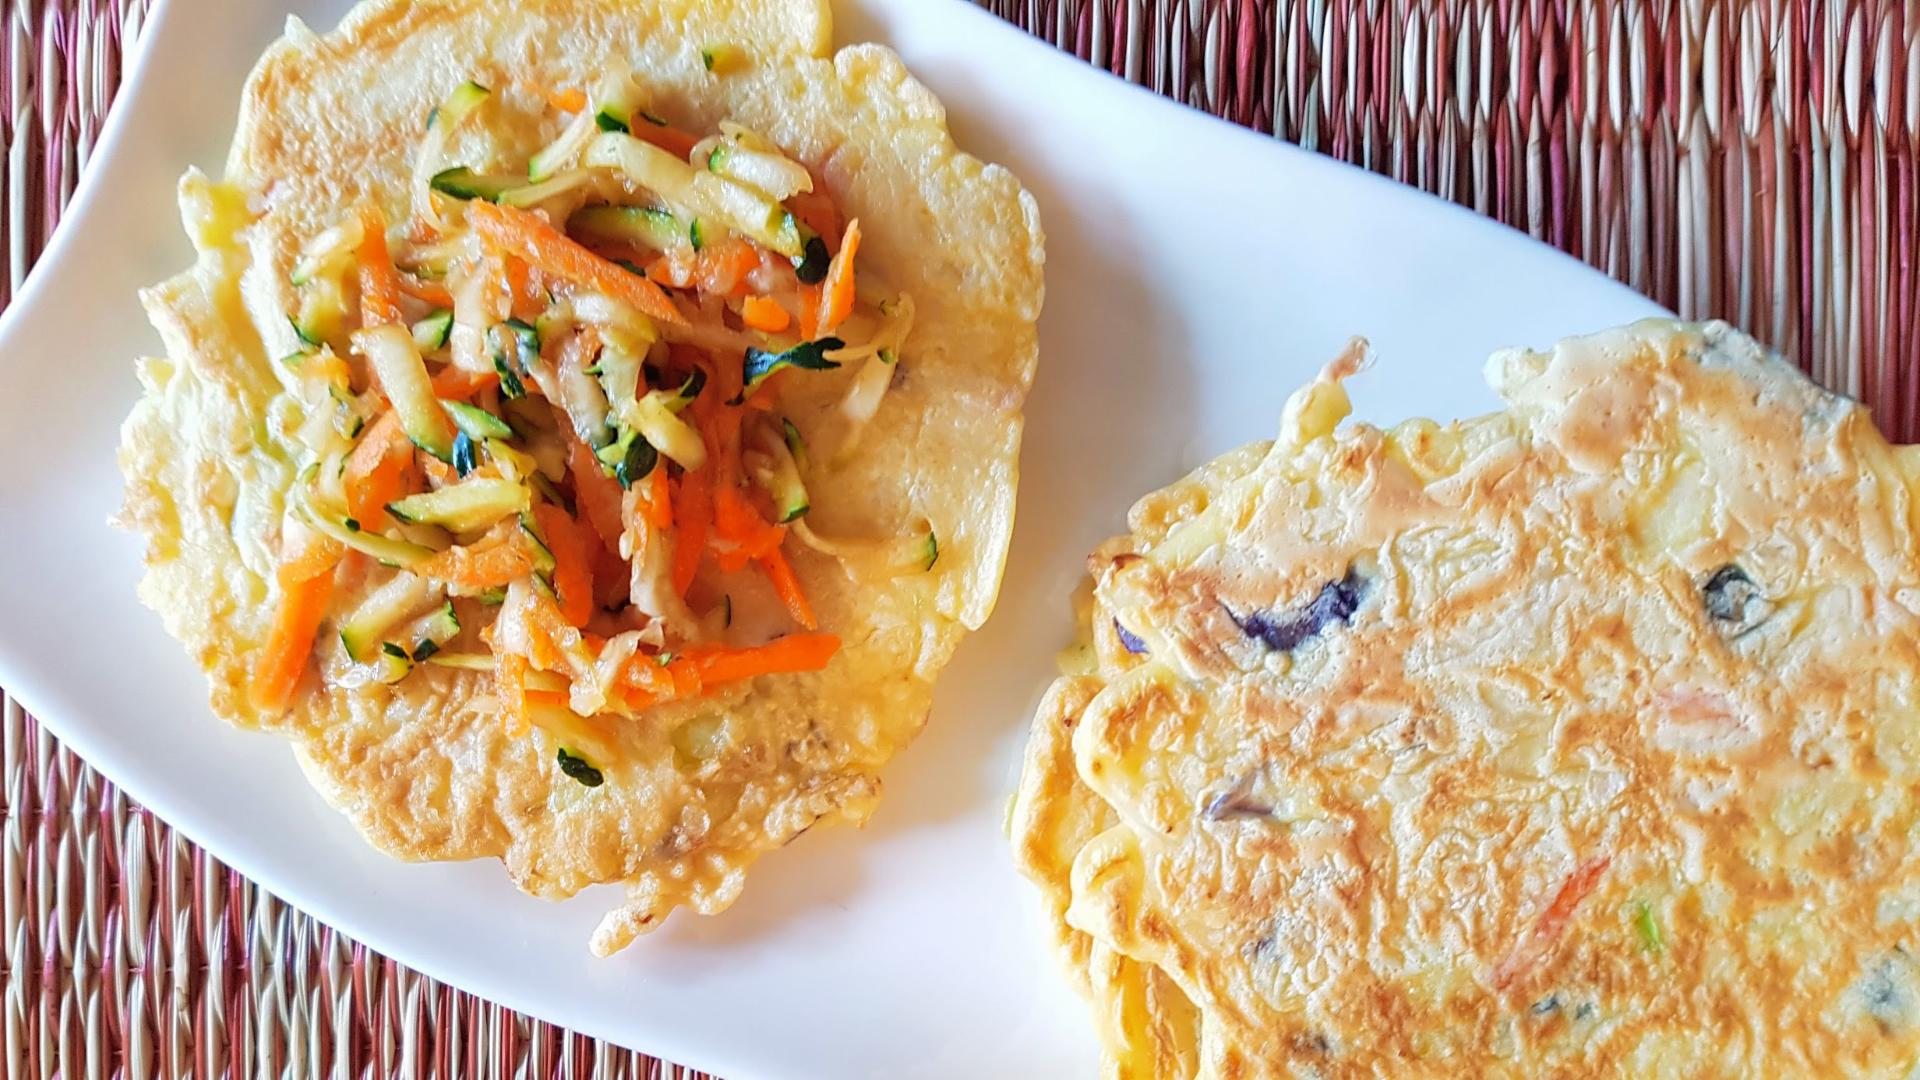 Deux crêpe salée d'inspiration japonaise sur une assiette